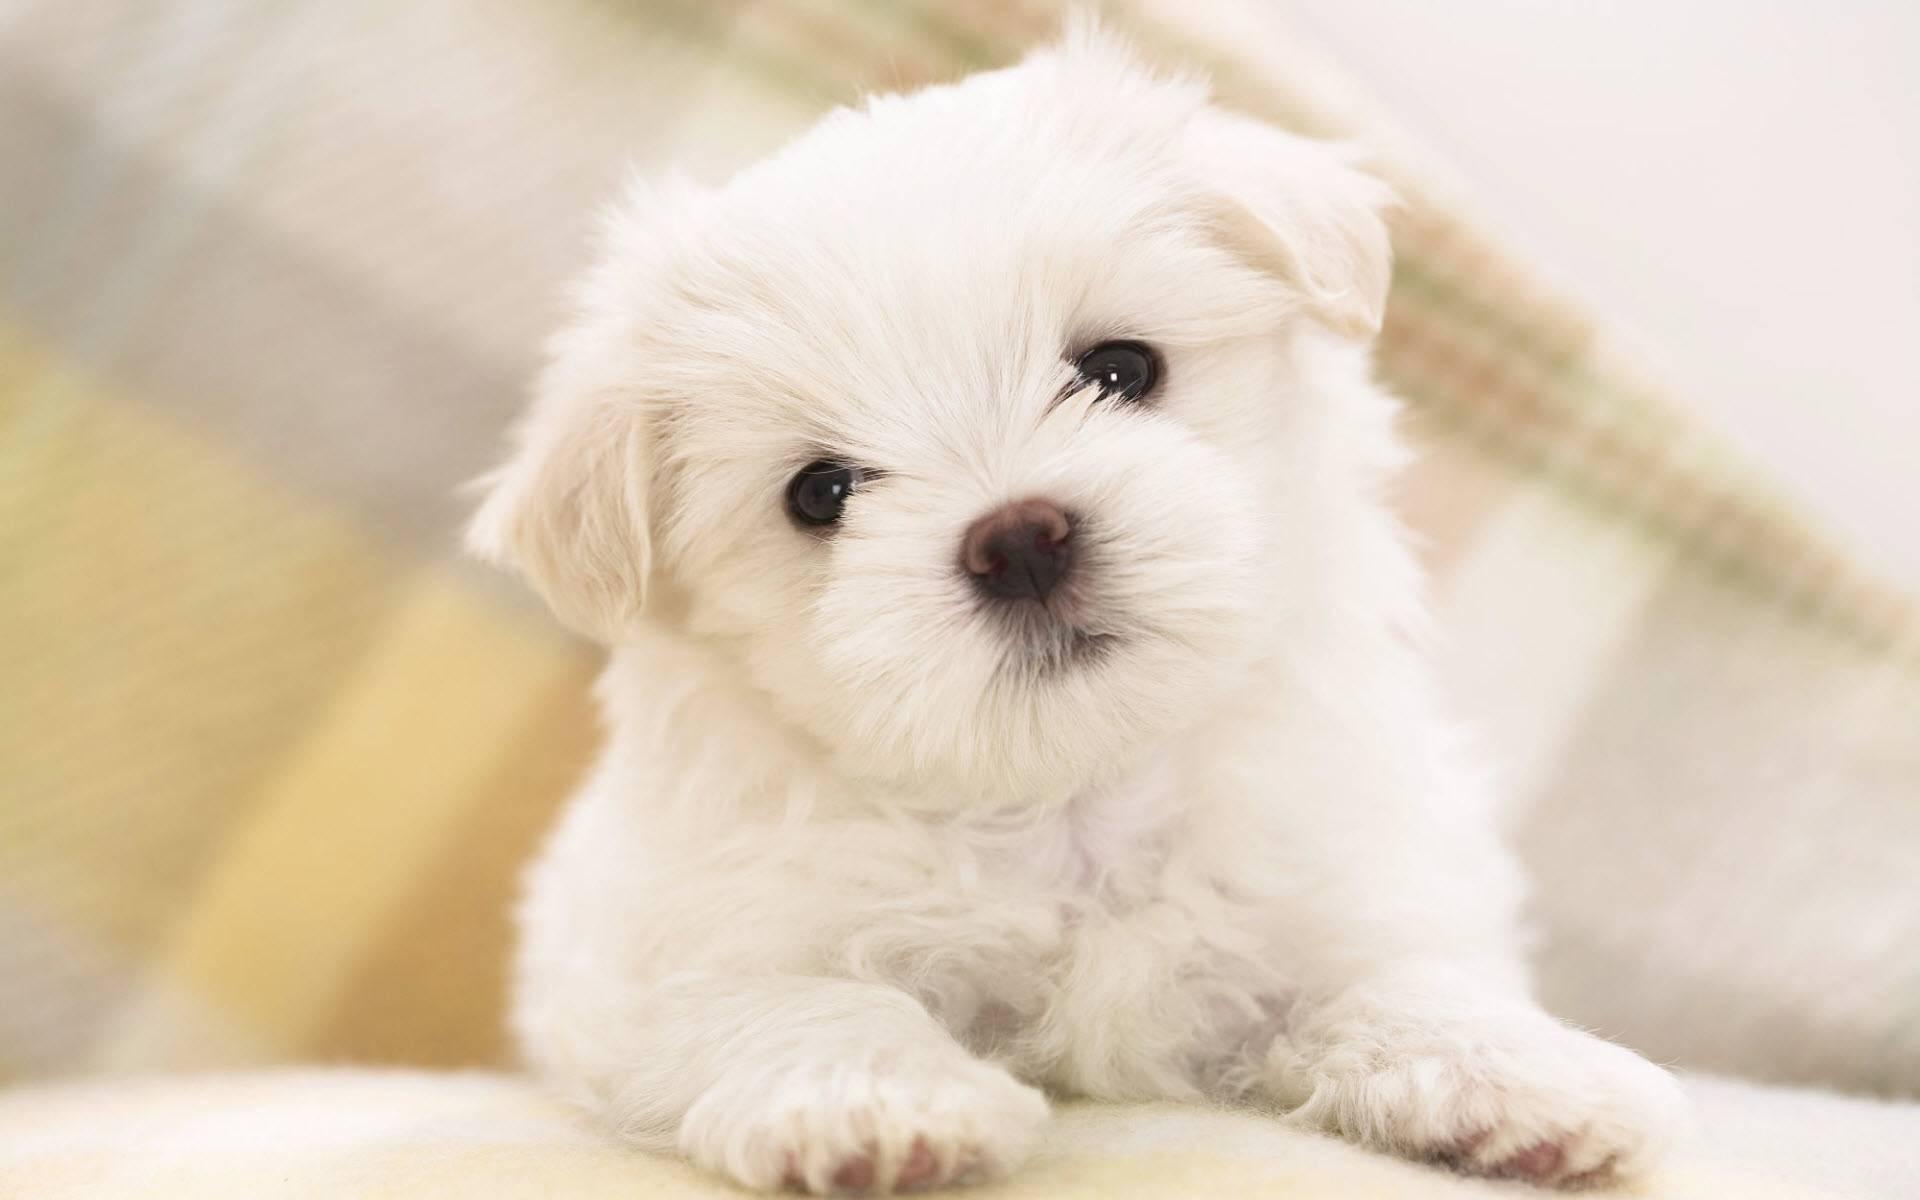 cute white puppy cute white pup 1920x1200